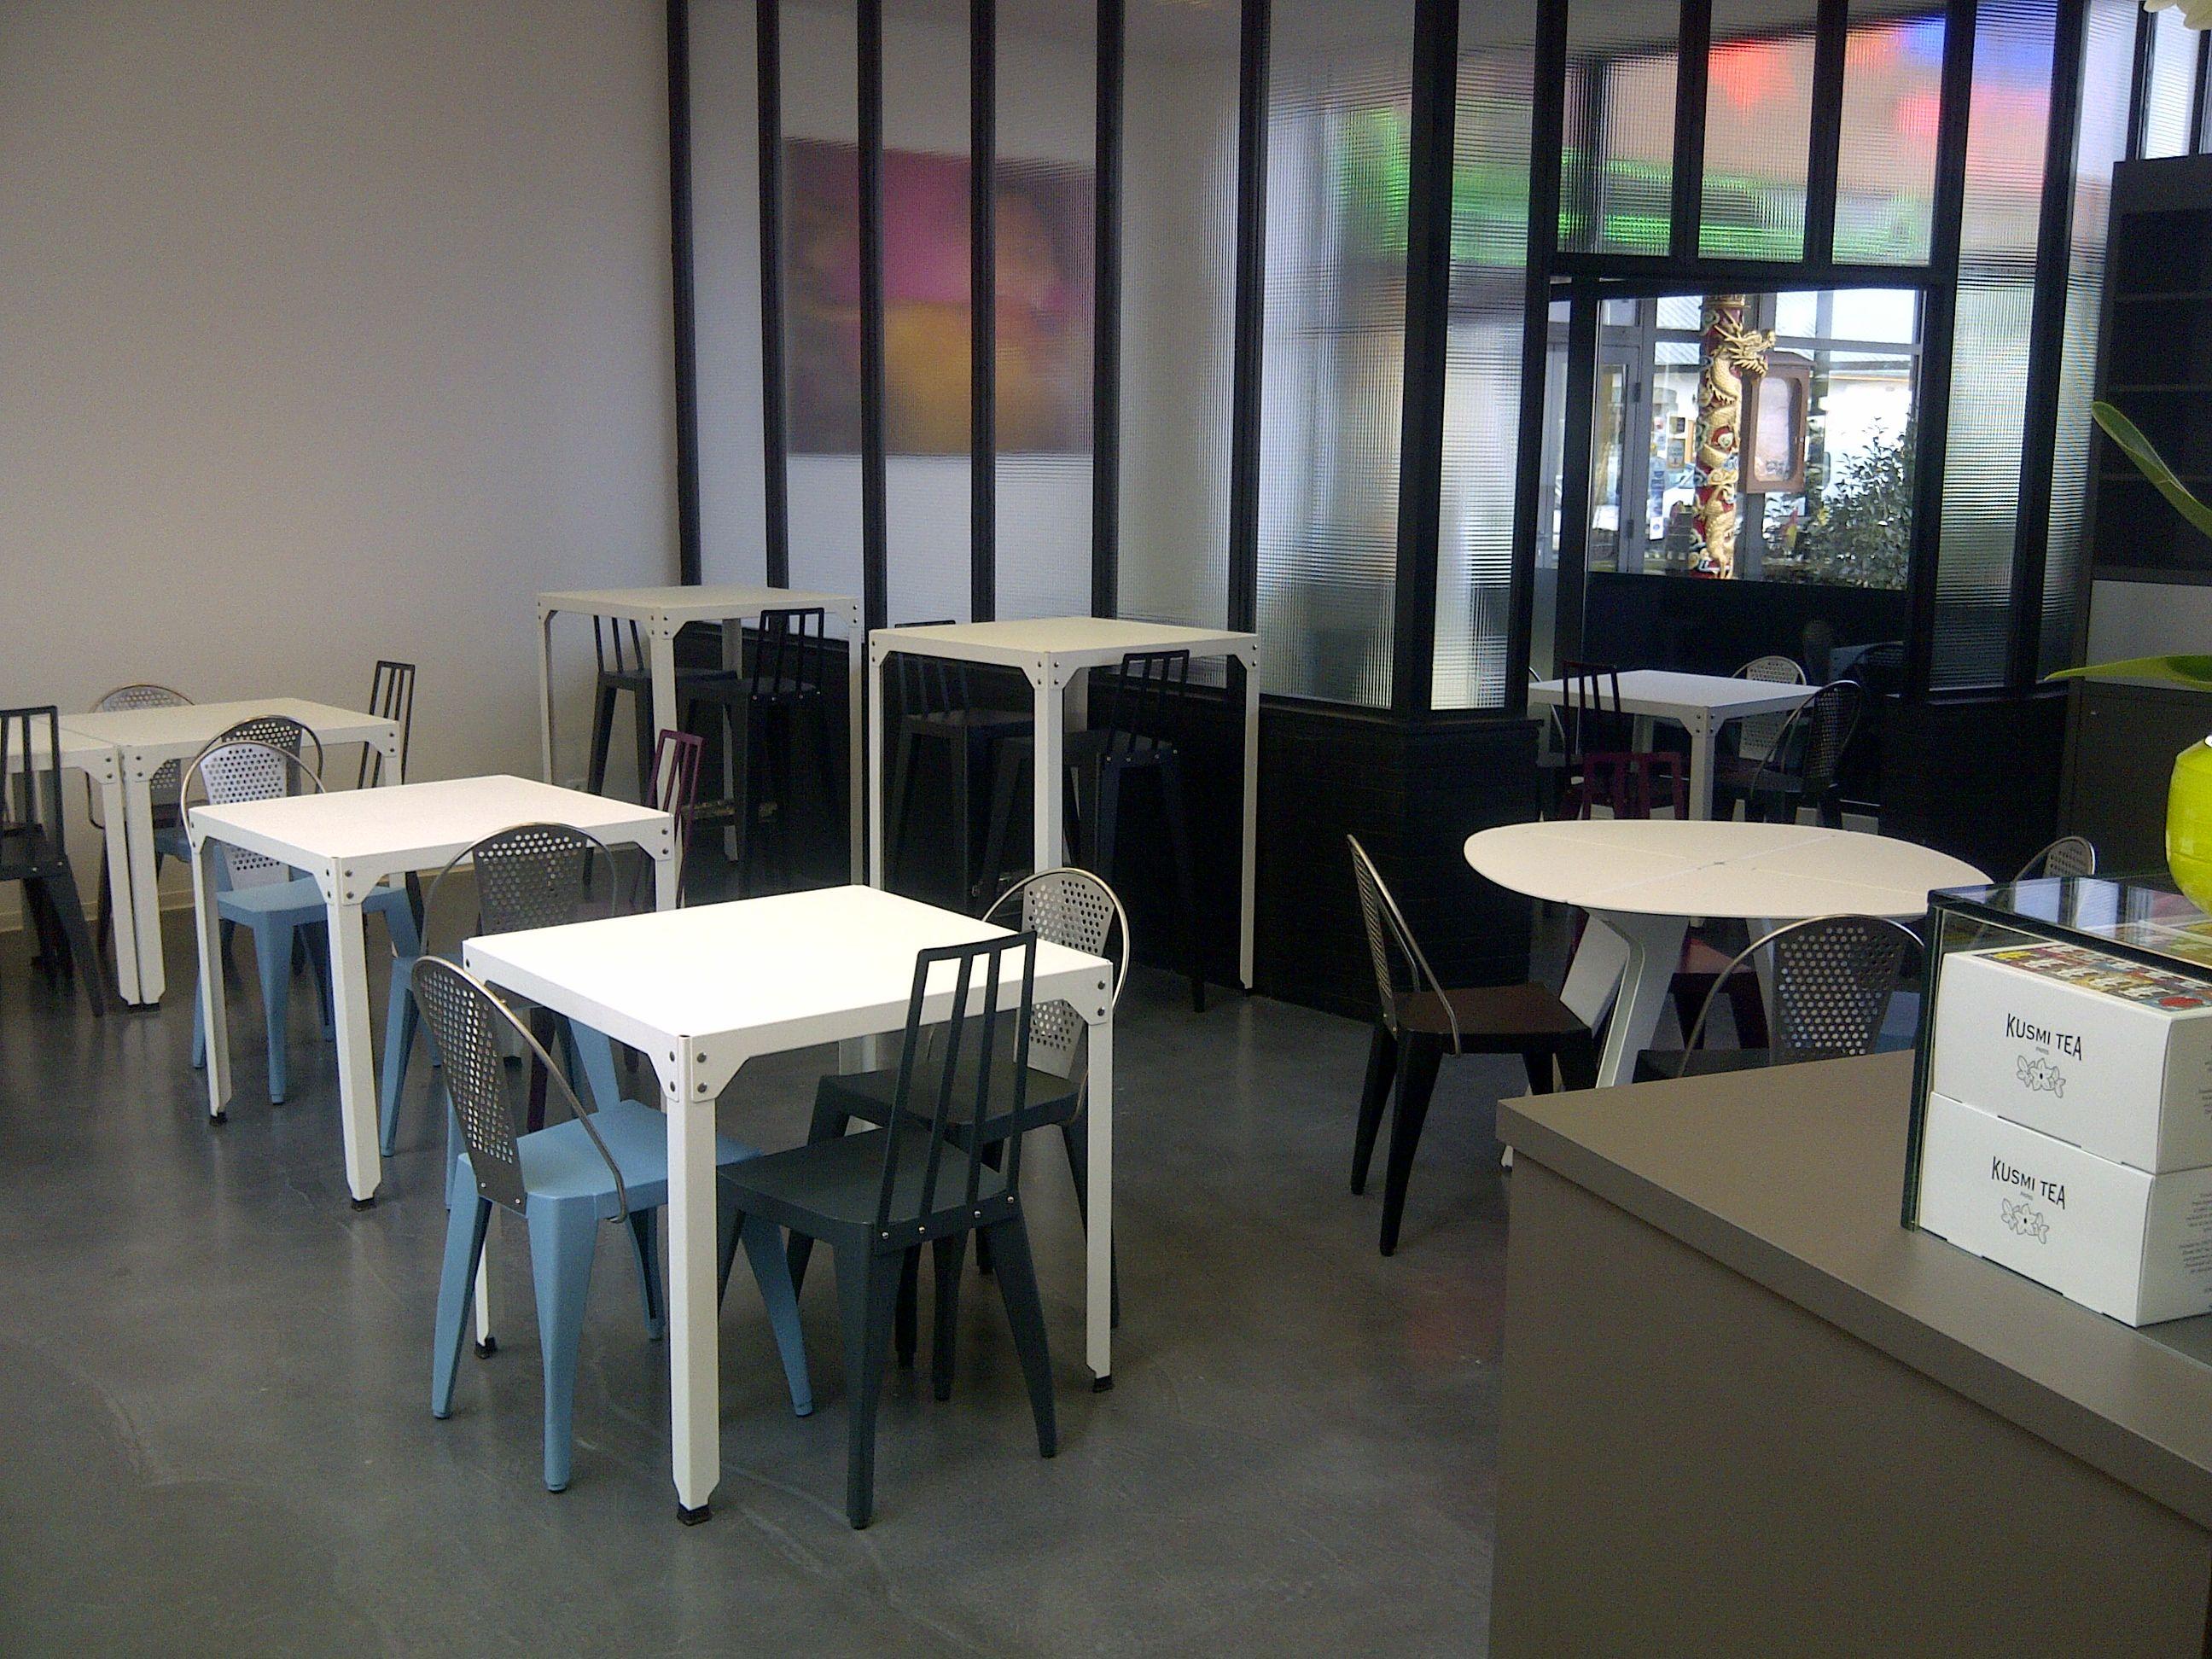 fe8097614805f52bffcad21c7dffae97 Meilleur De De Table Pliante Cuisine Concept